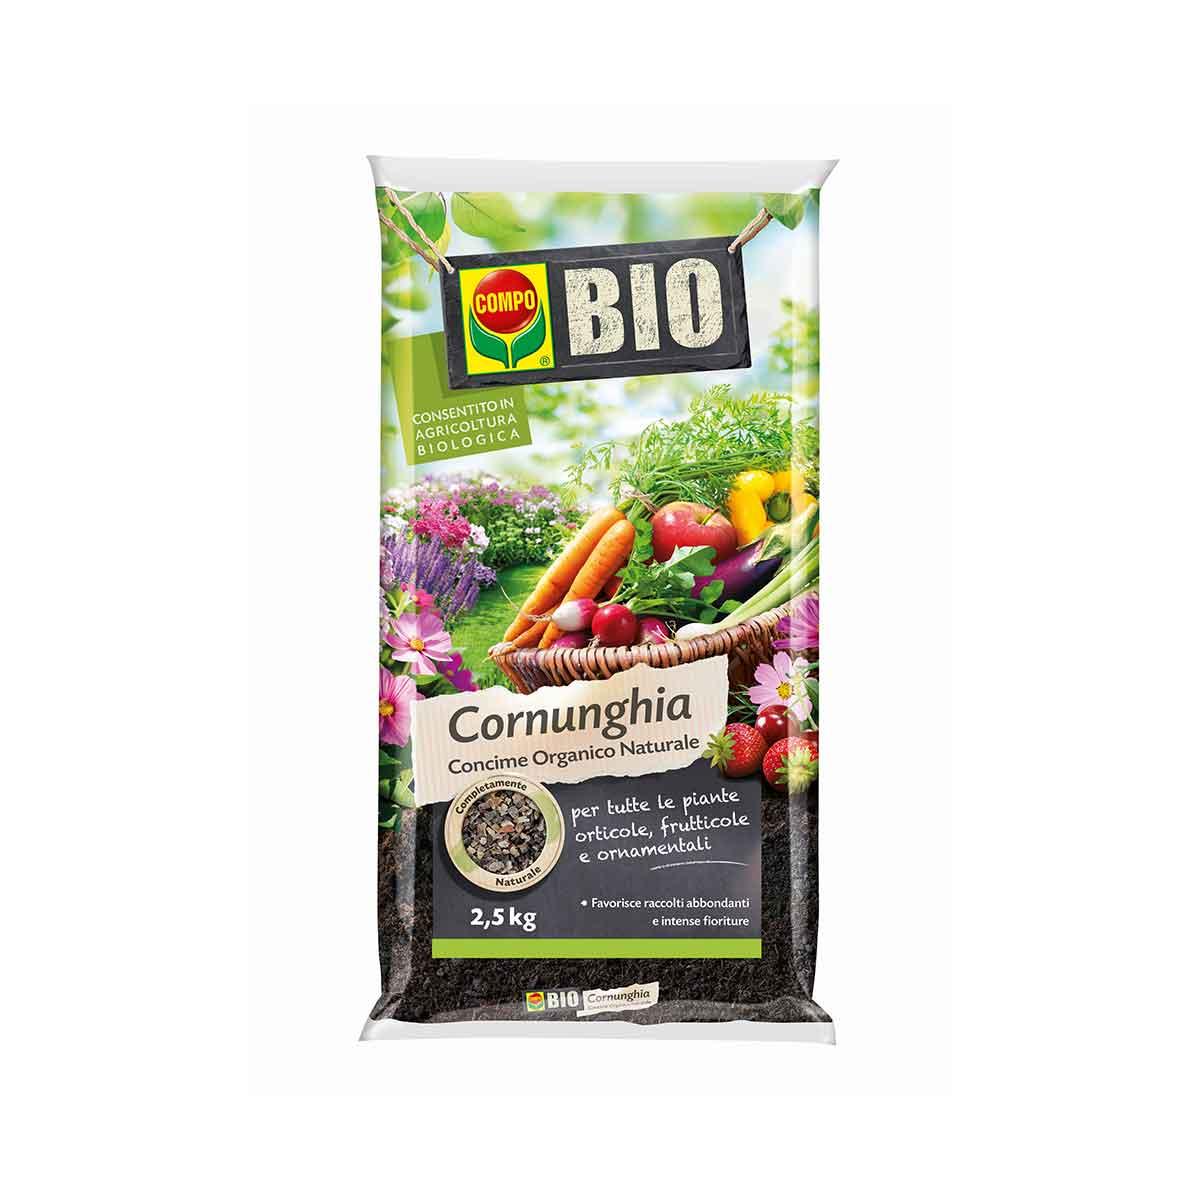 Compo Concime Bio Cornunghia 2,5kg